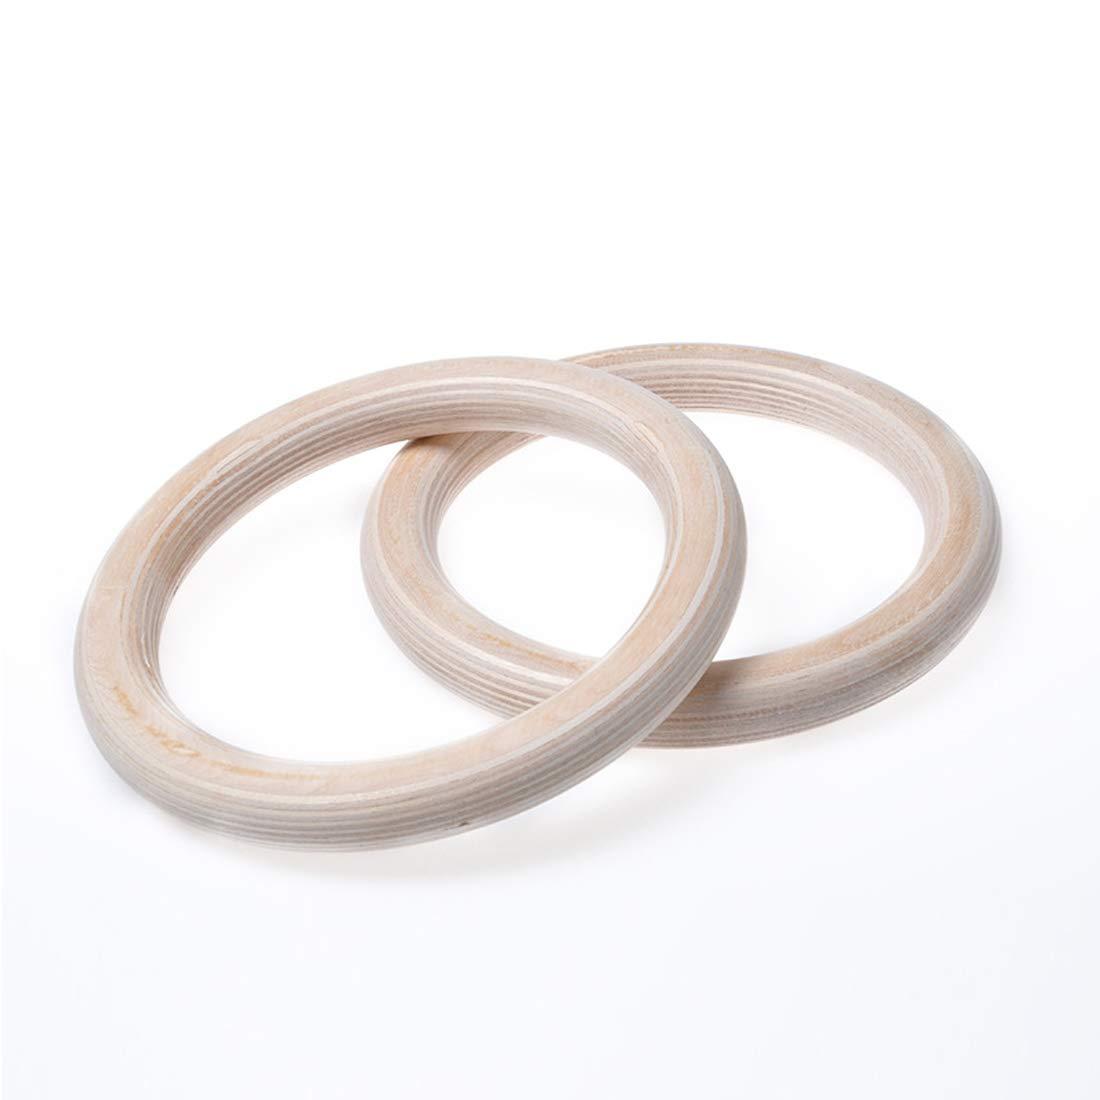 UICICI Ringe Haushaltsringe Yoga Ringe Aerial Yoga Fitness Ringe Massivholz Birkenringe